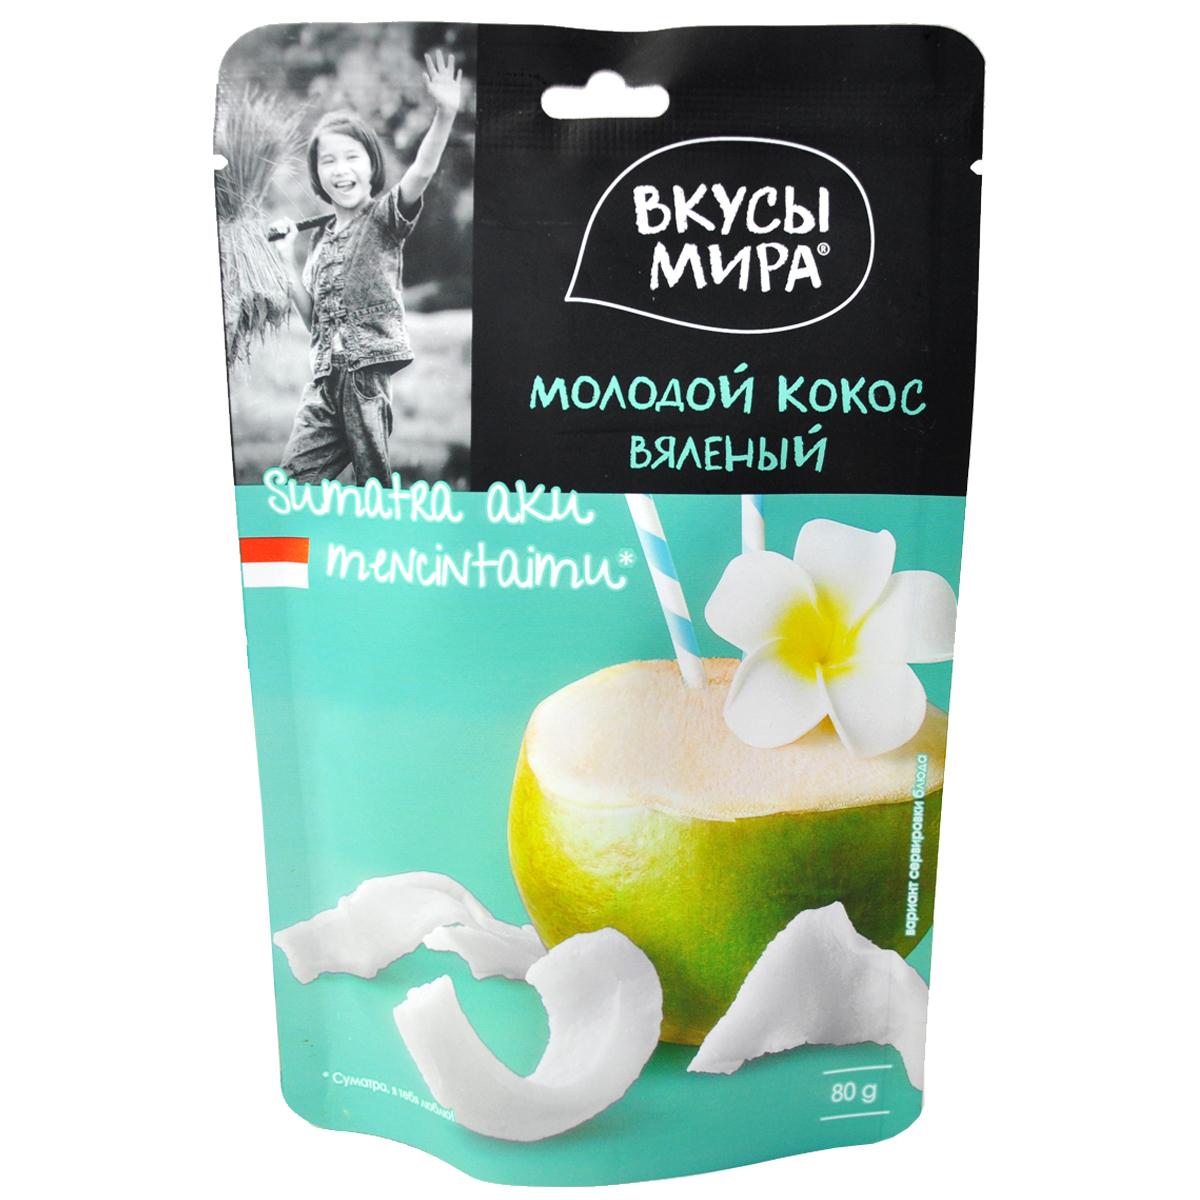 Молодой кокос вяленый Вкусы мира 80 гр